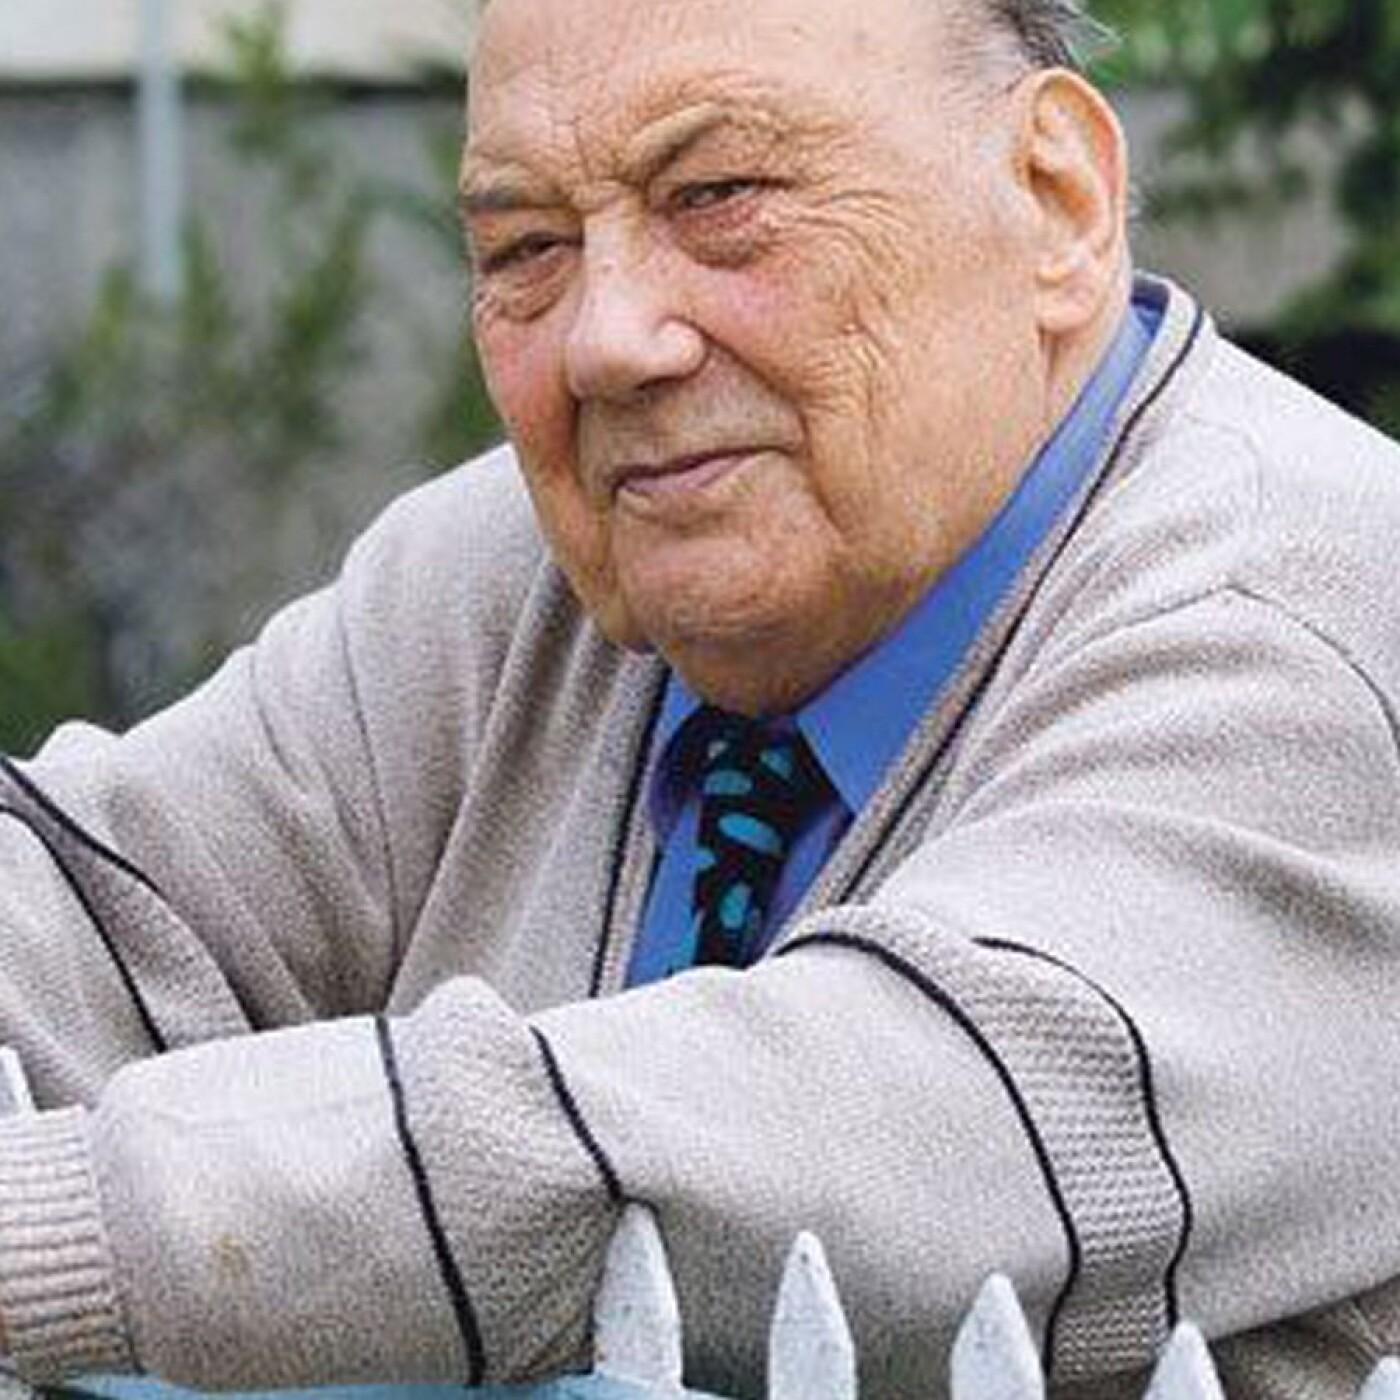 Humeur du jour, l'homme le plus malchanceux du monde - 05 05 21 - StereoChic Radio